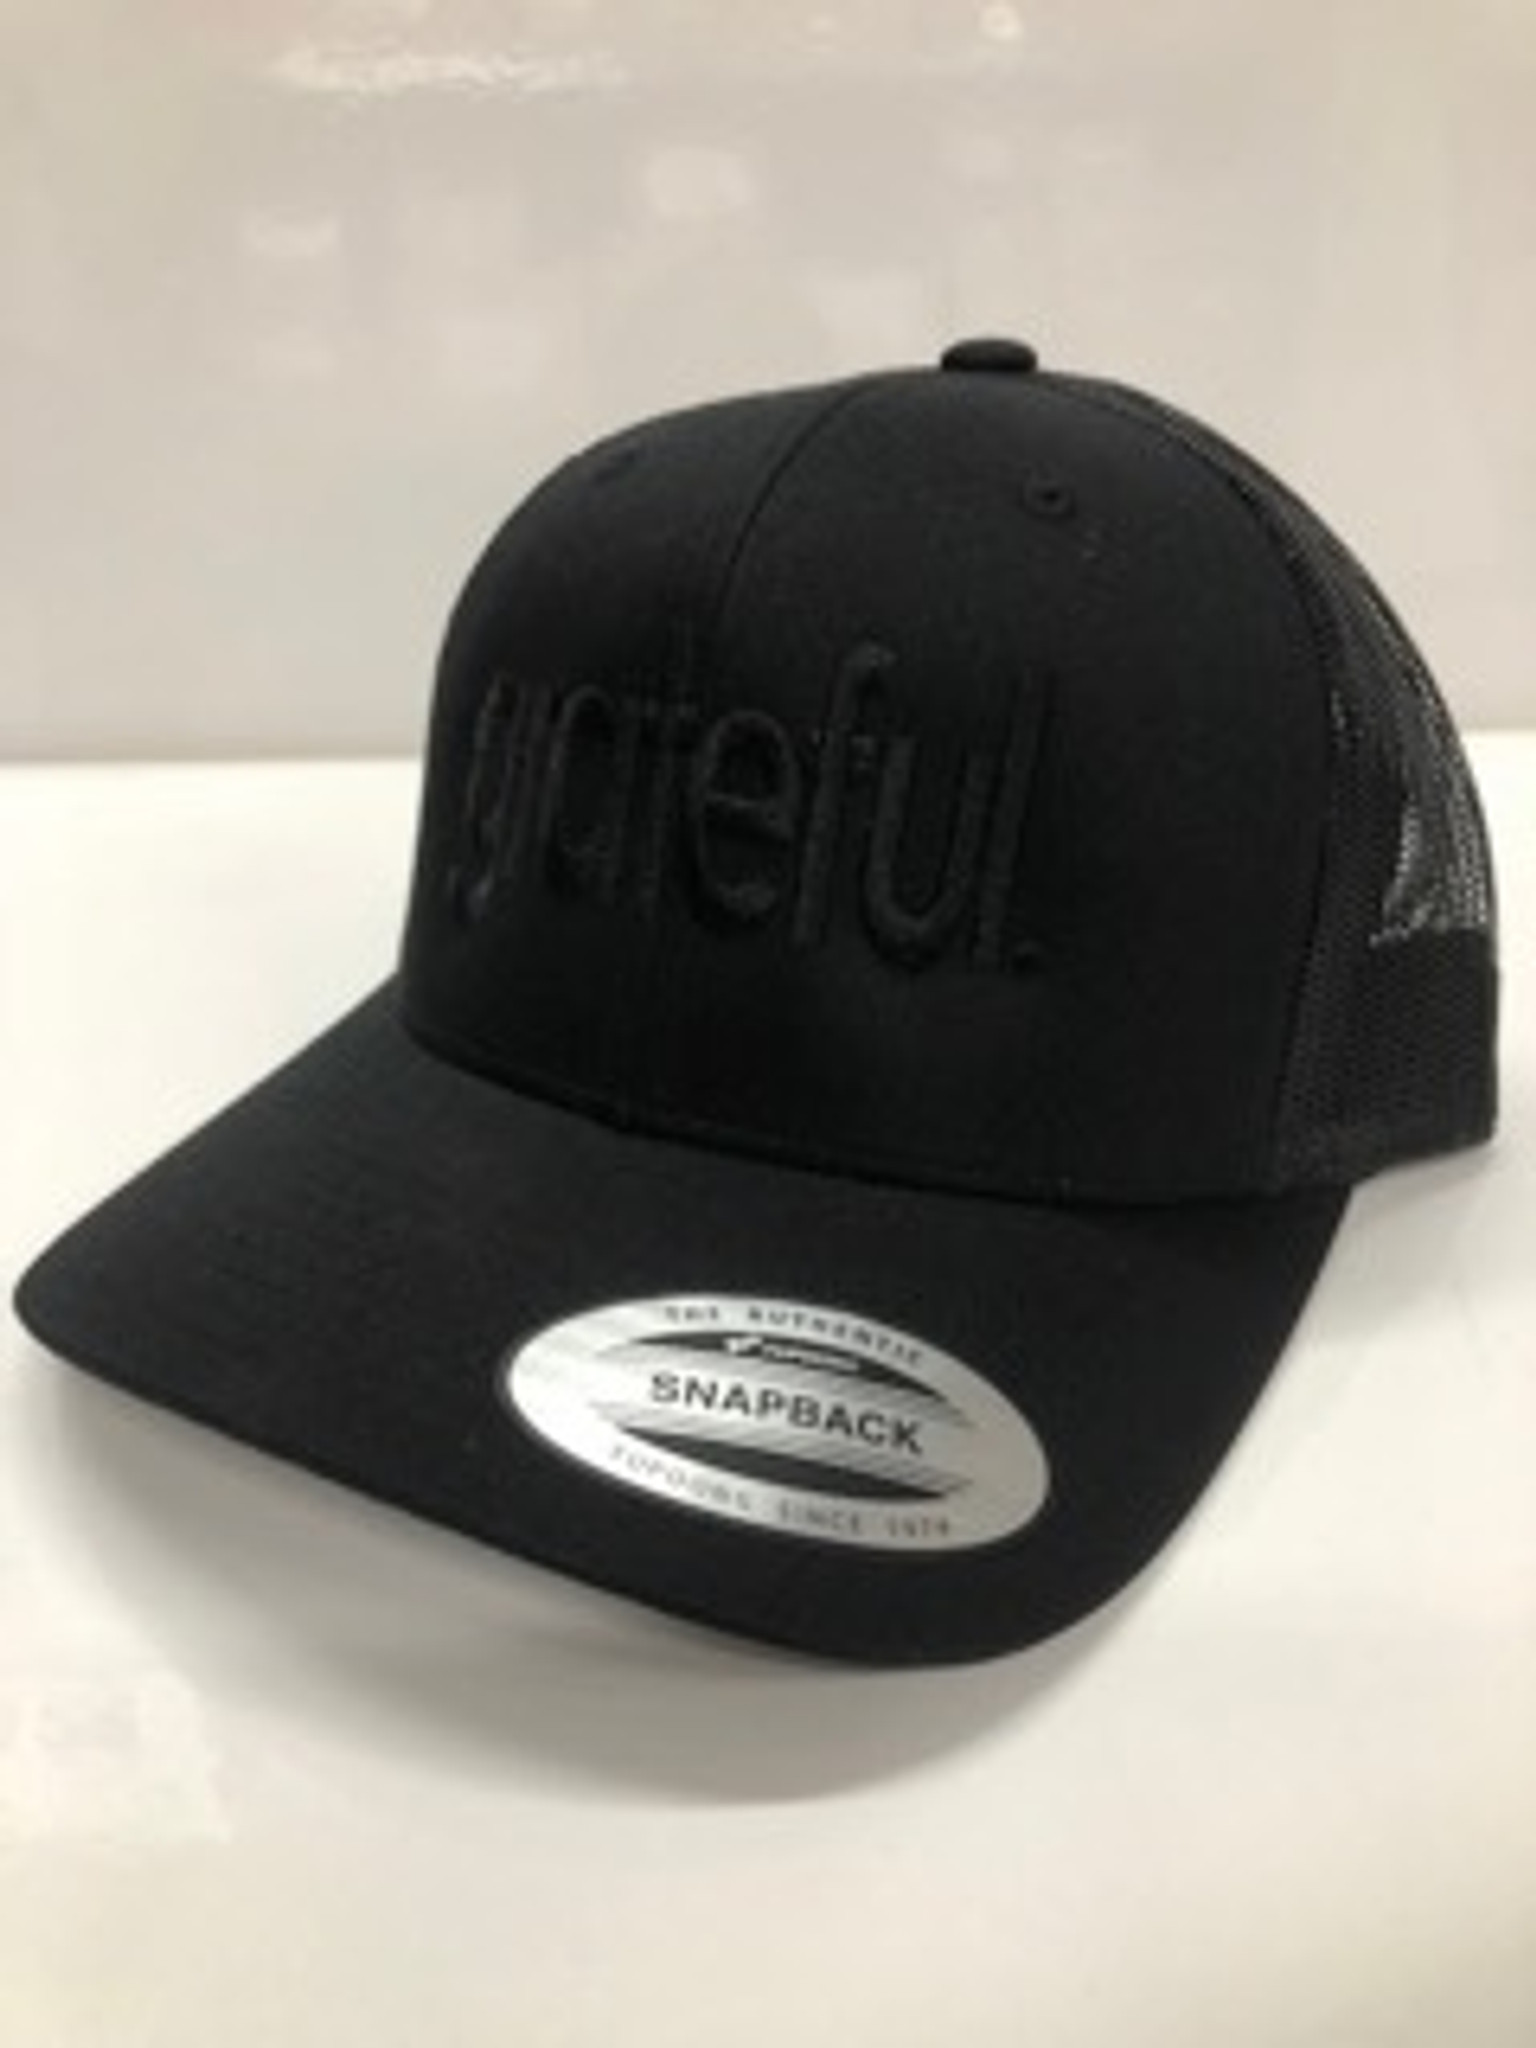 GRATEFUL. EMBROIDERED TRUCKER HAT BLACK ON BLACK